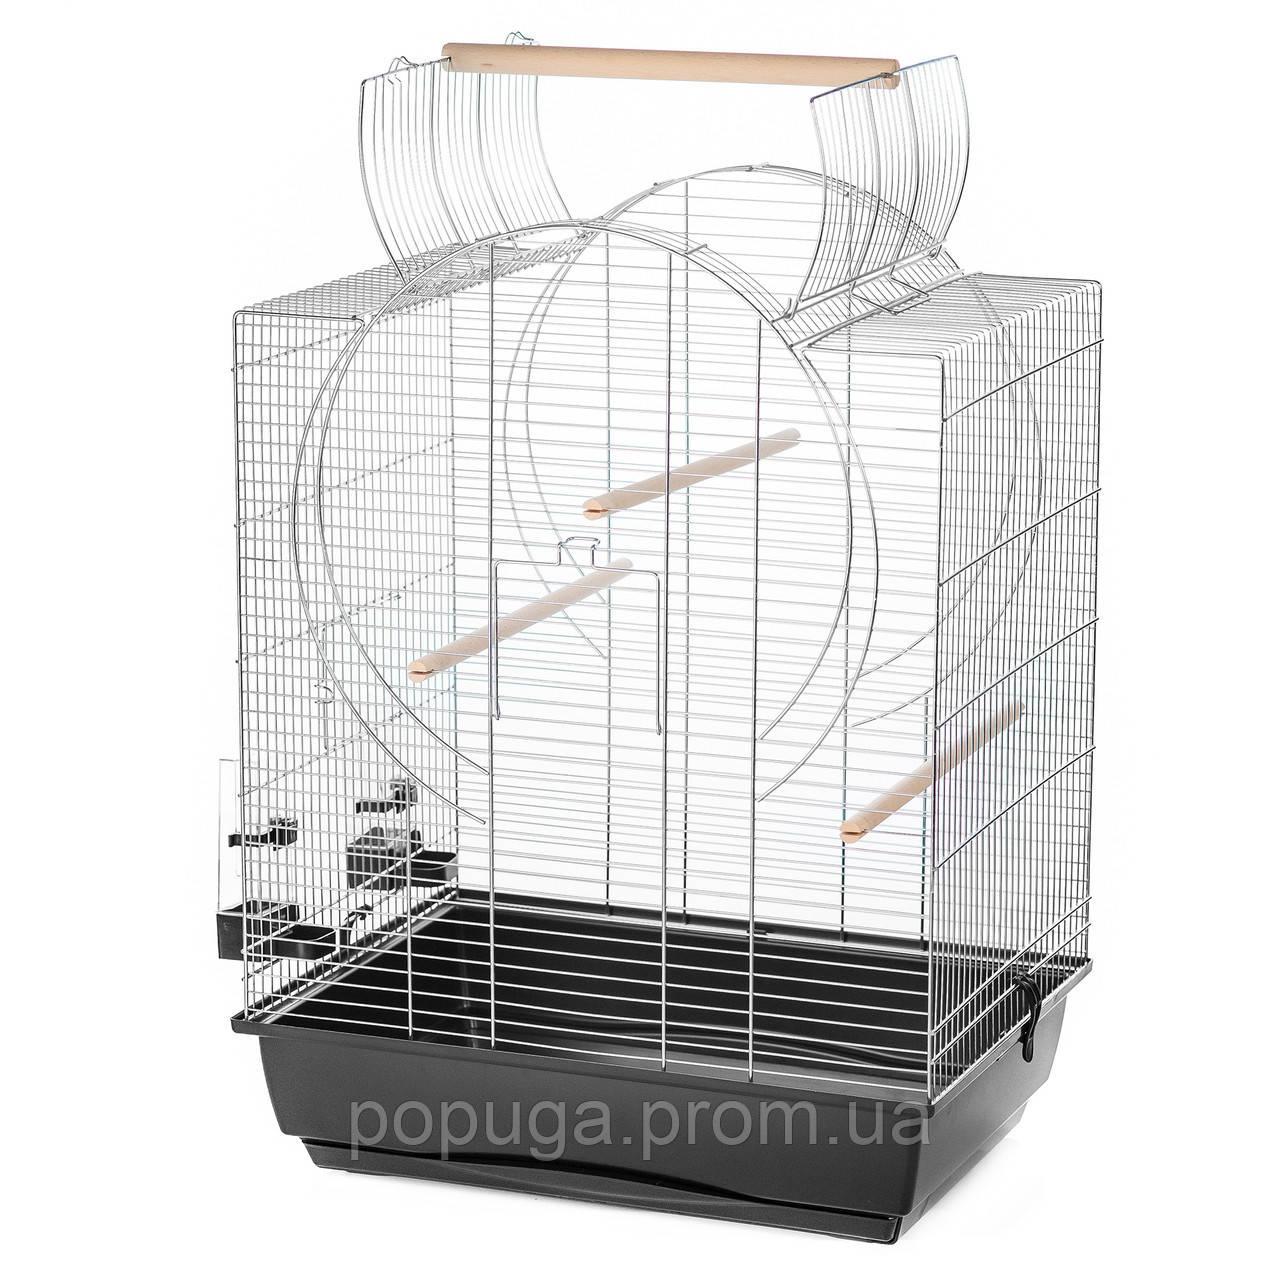 Клетка для попугая EMMA Inter zoo хром, 54*39*72(85) см